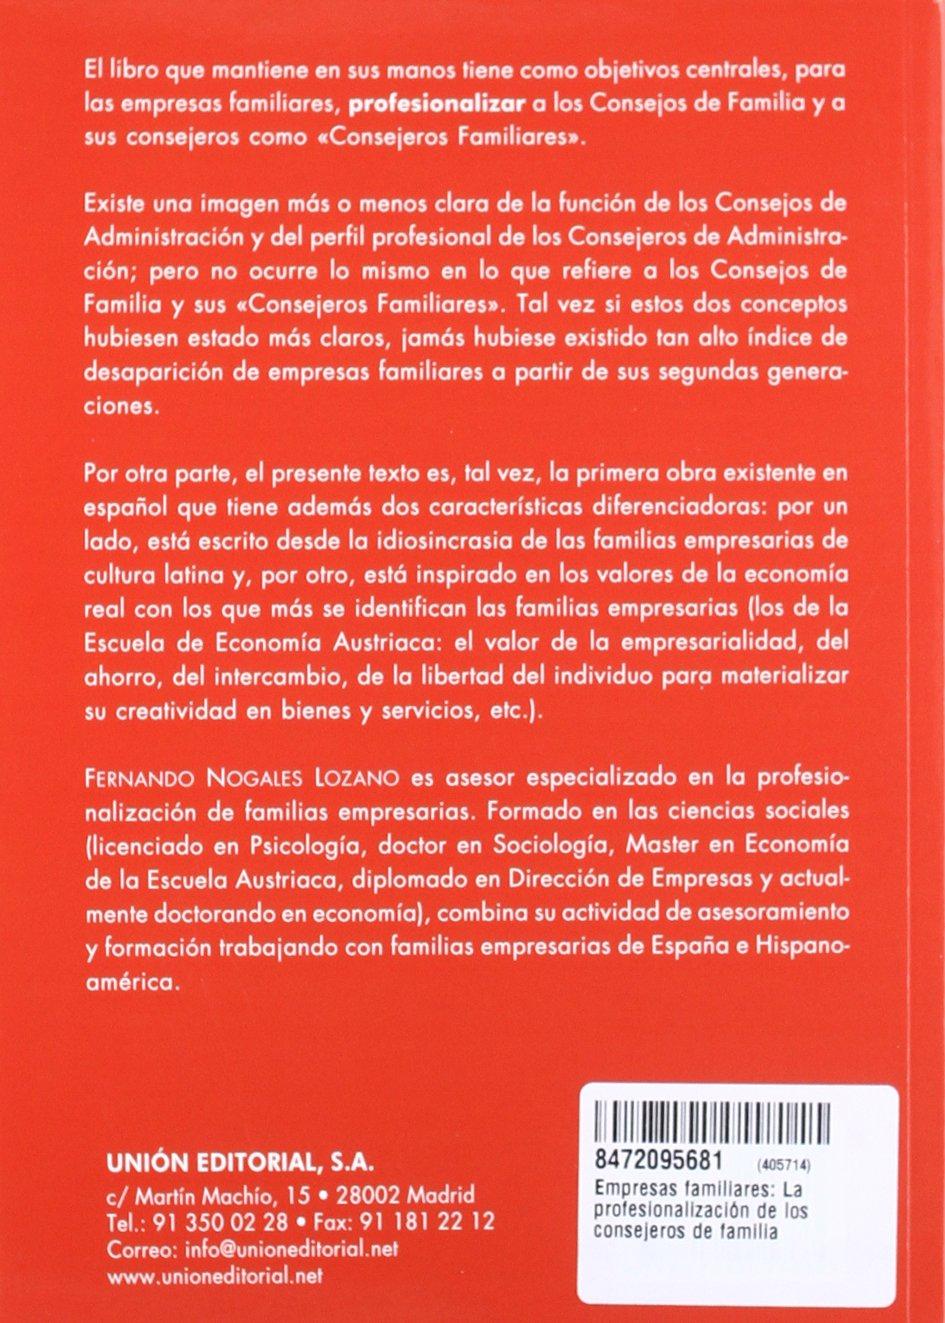 Empresas familiares: La profesionalización de los consejeros de familia Empresa Familiar: Amazon.es: Nogales Lozano, Fernando, Blanco González, María: Libros